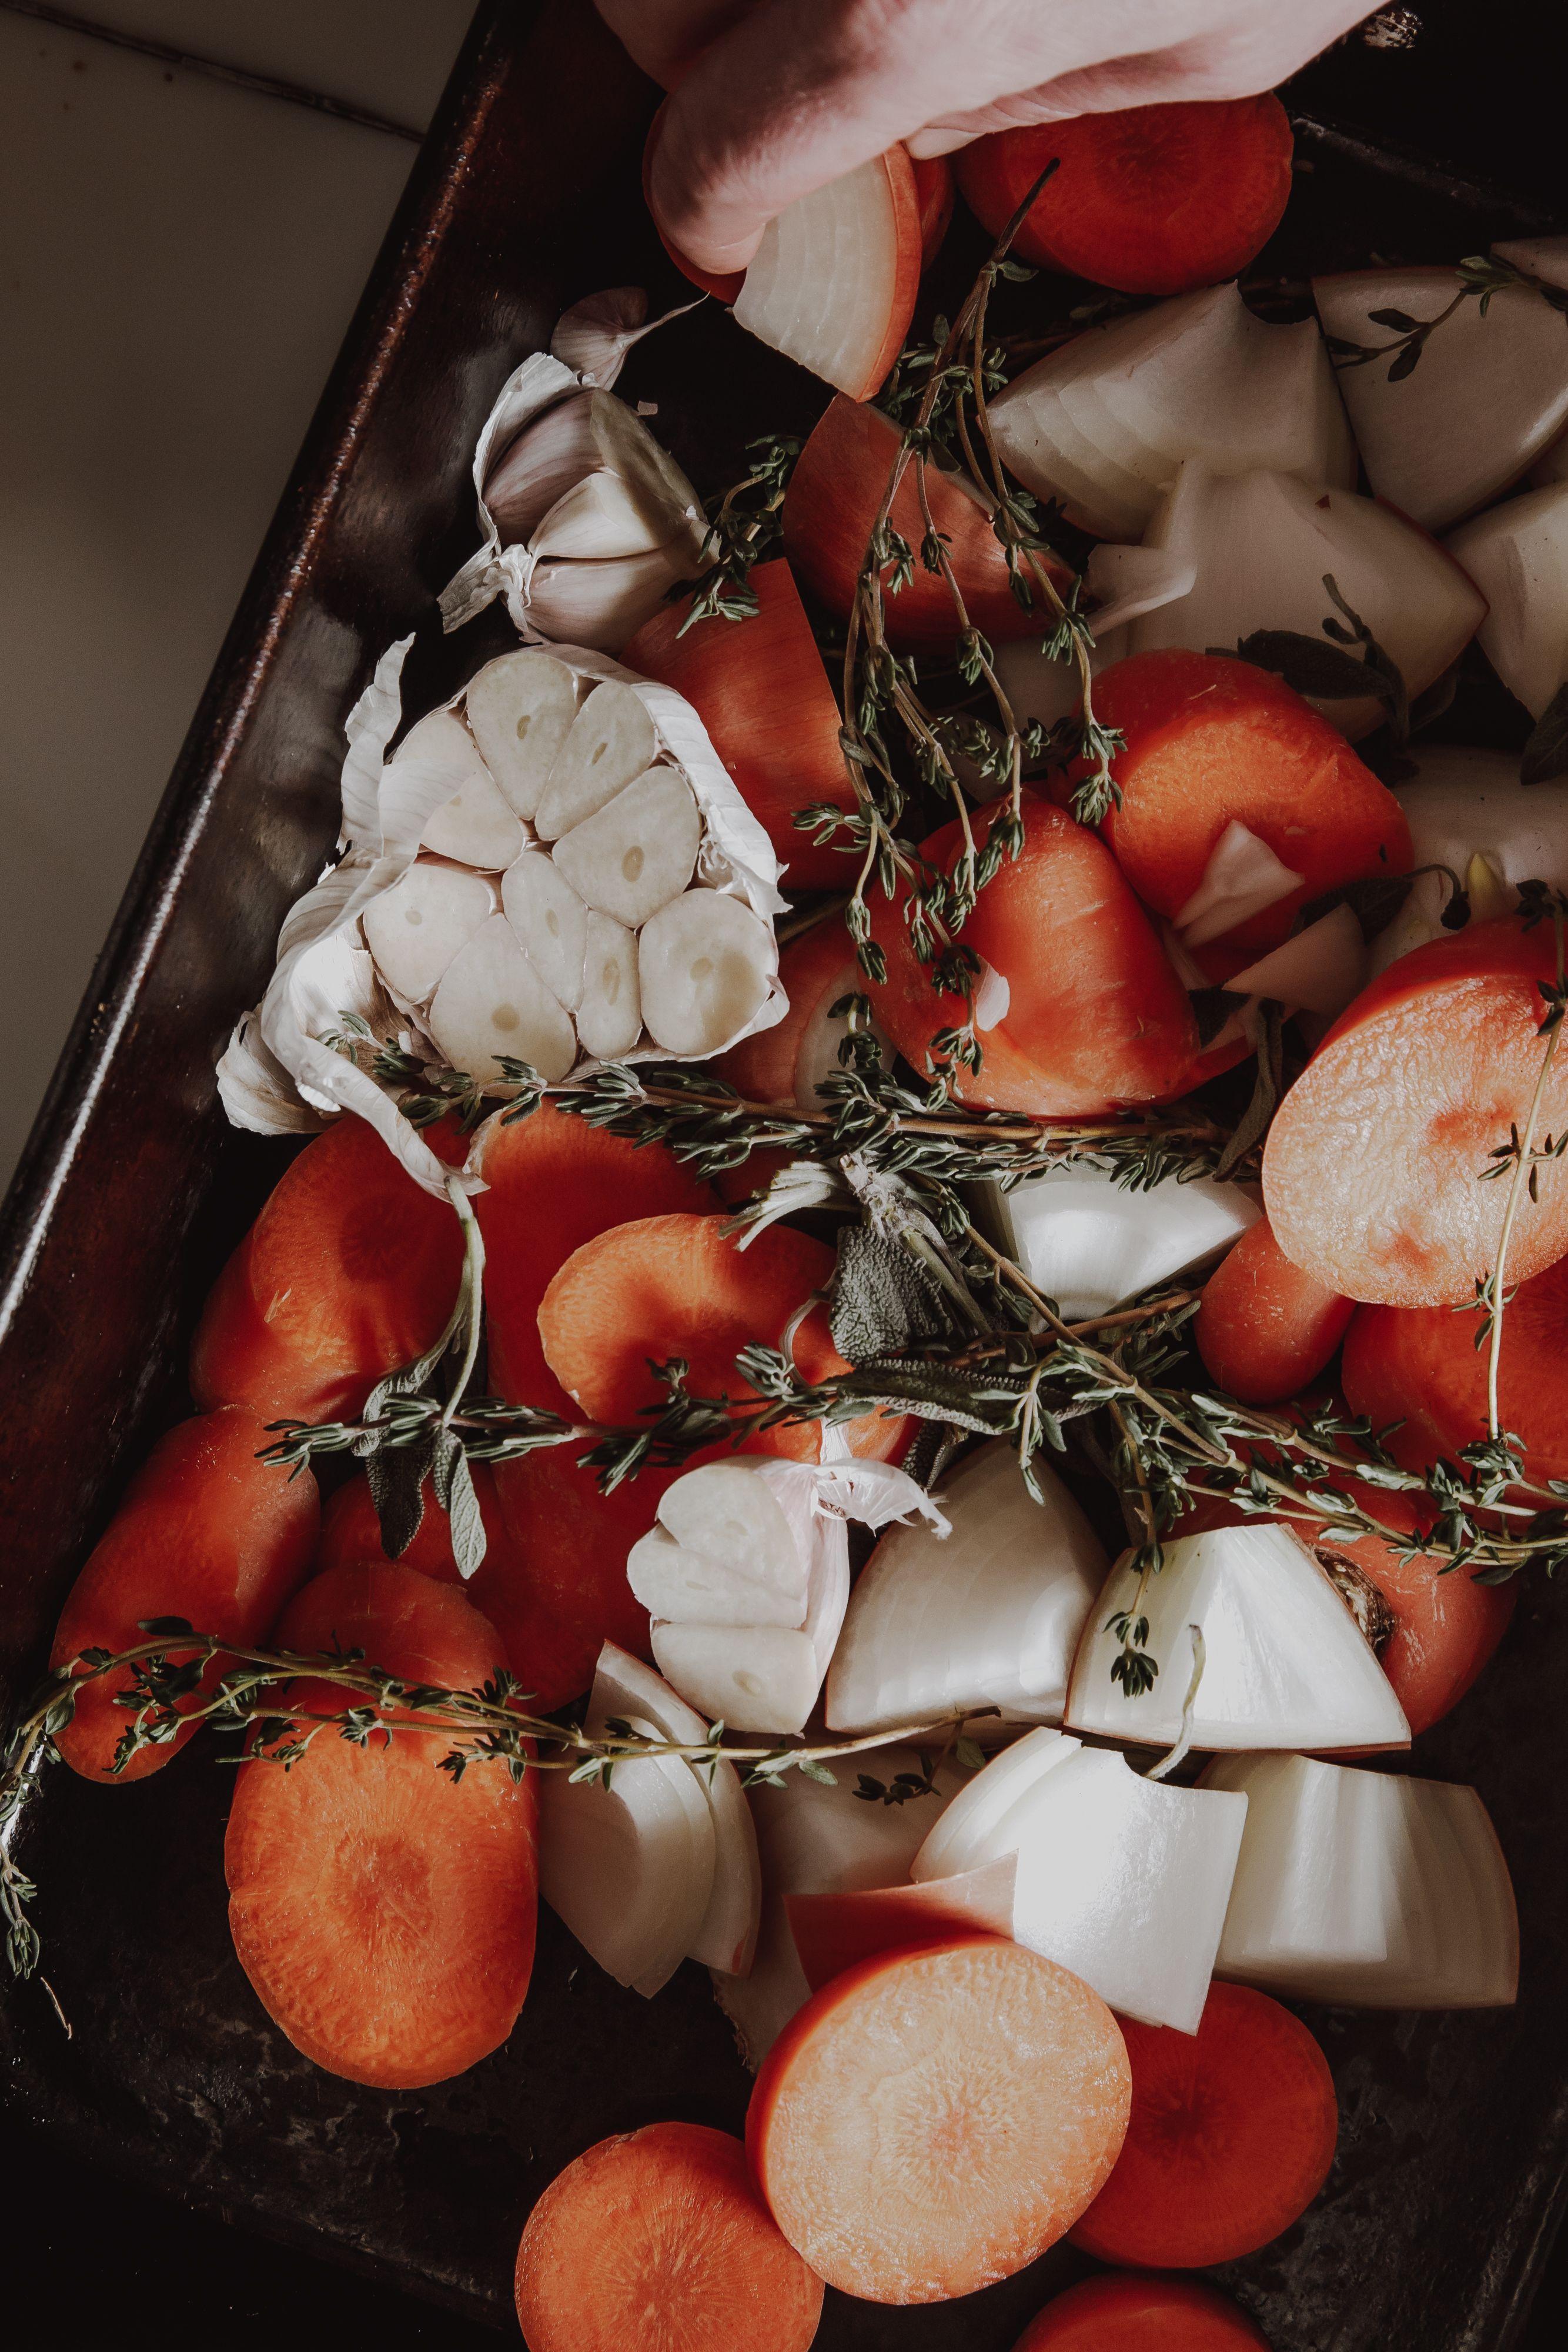 Roast vegetables in a pan